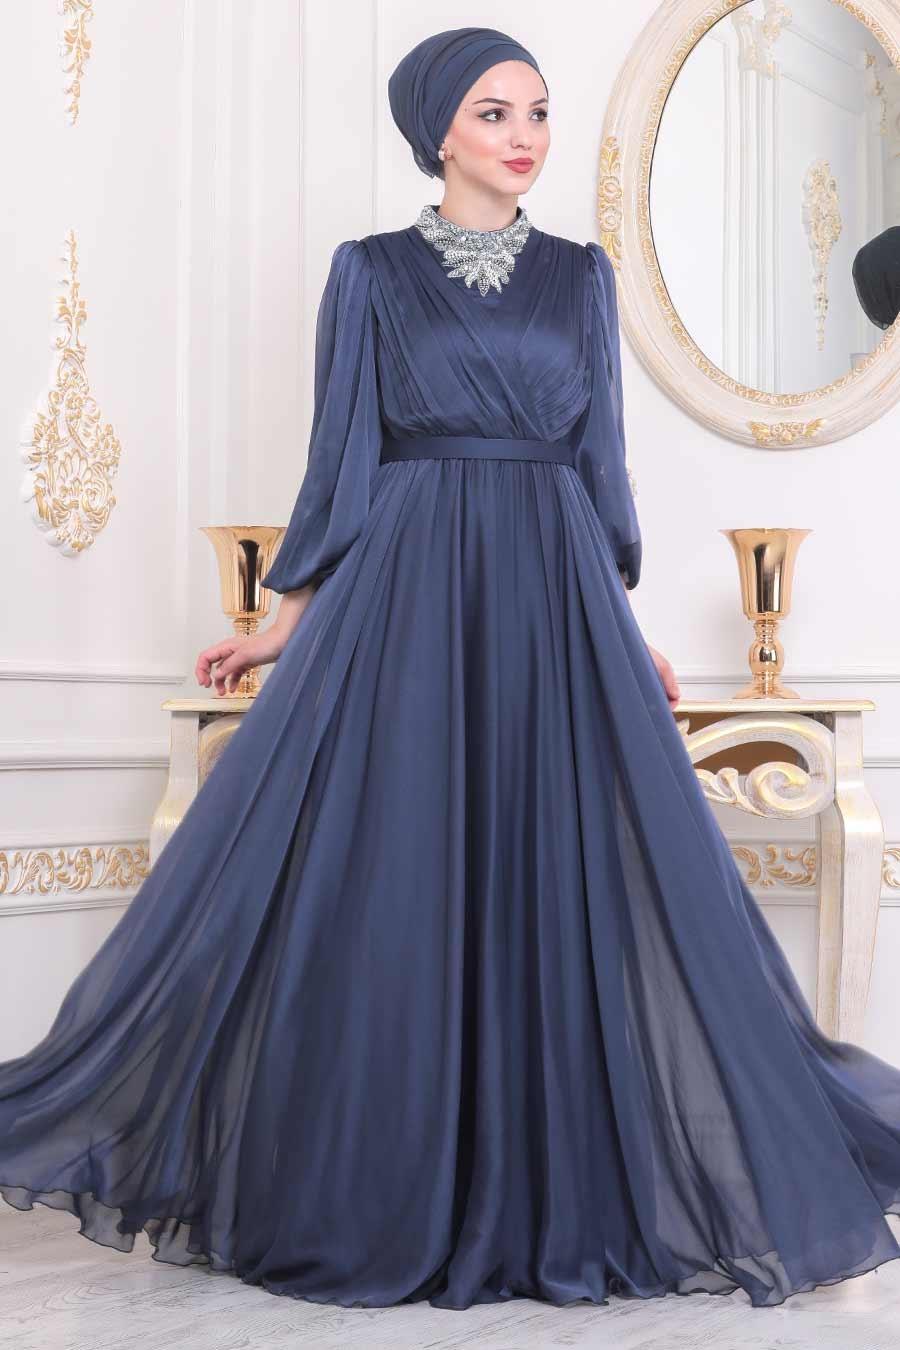 Tesettürlü Abiye Elbise - Boncuk İşlemeli İndigo Mavisi Tesettür Abiye Elbise 40550IM